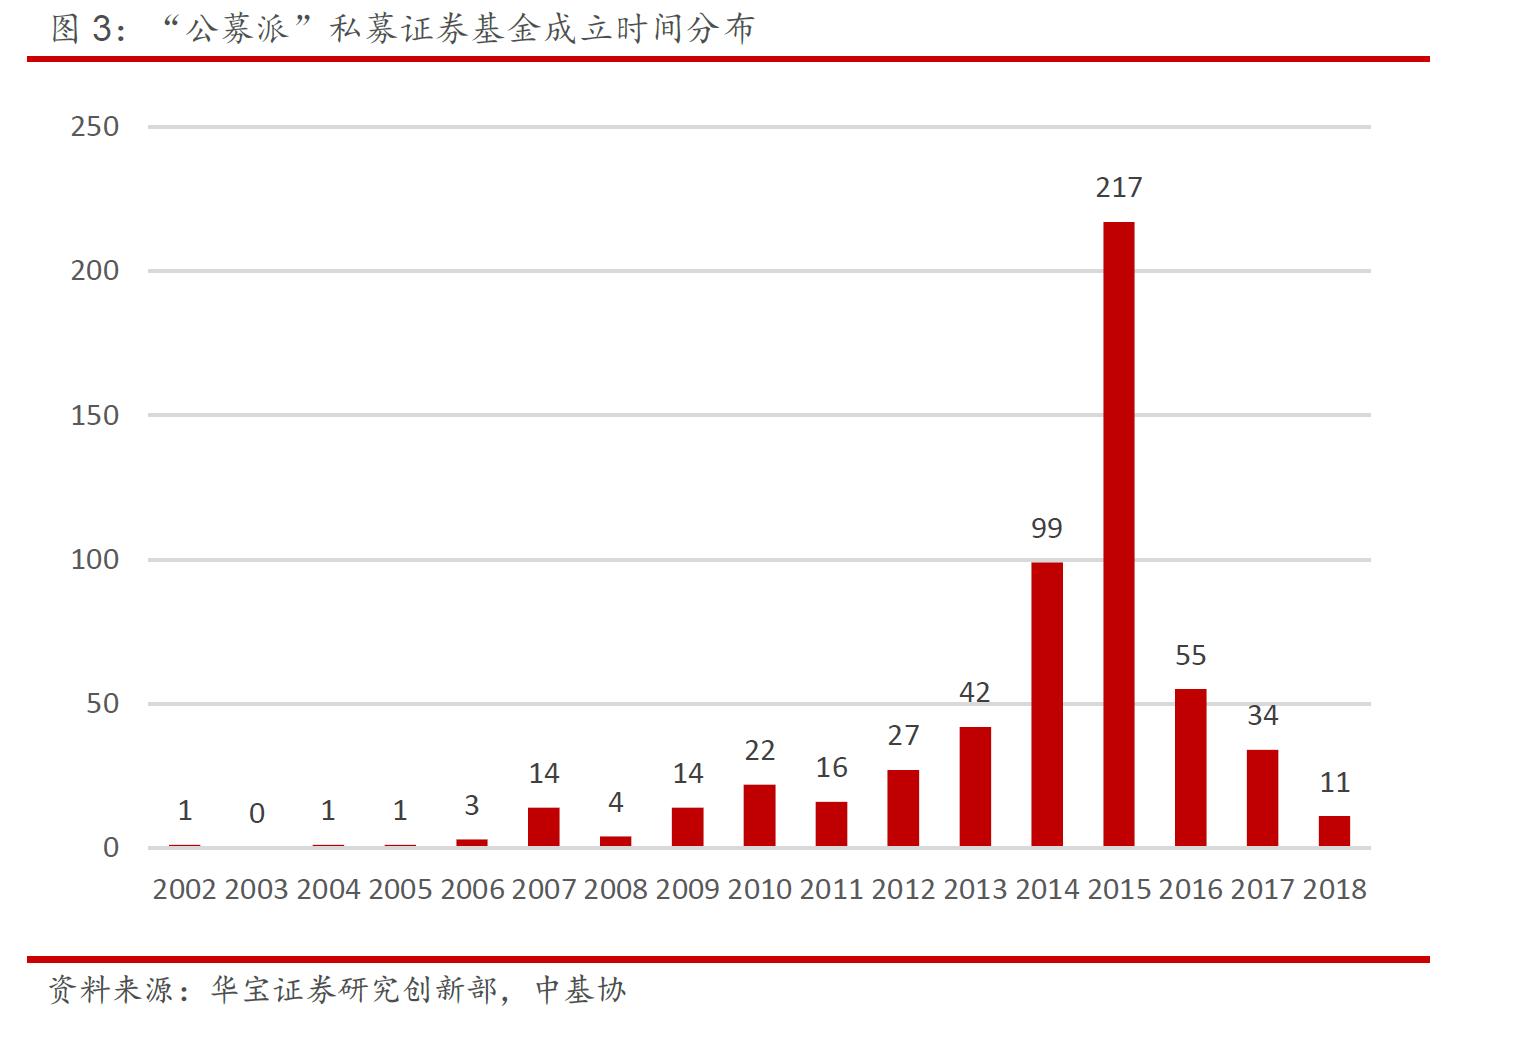 """今年来82位基金经理已离职 """"奔私""""热情显著下降"""